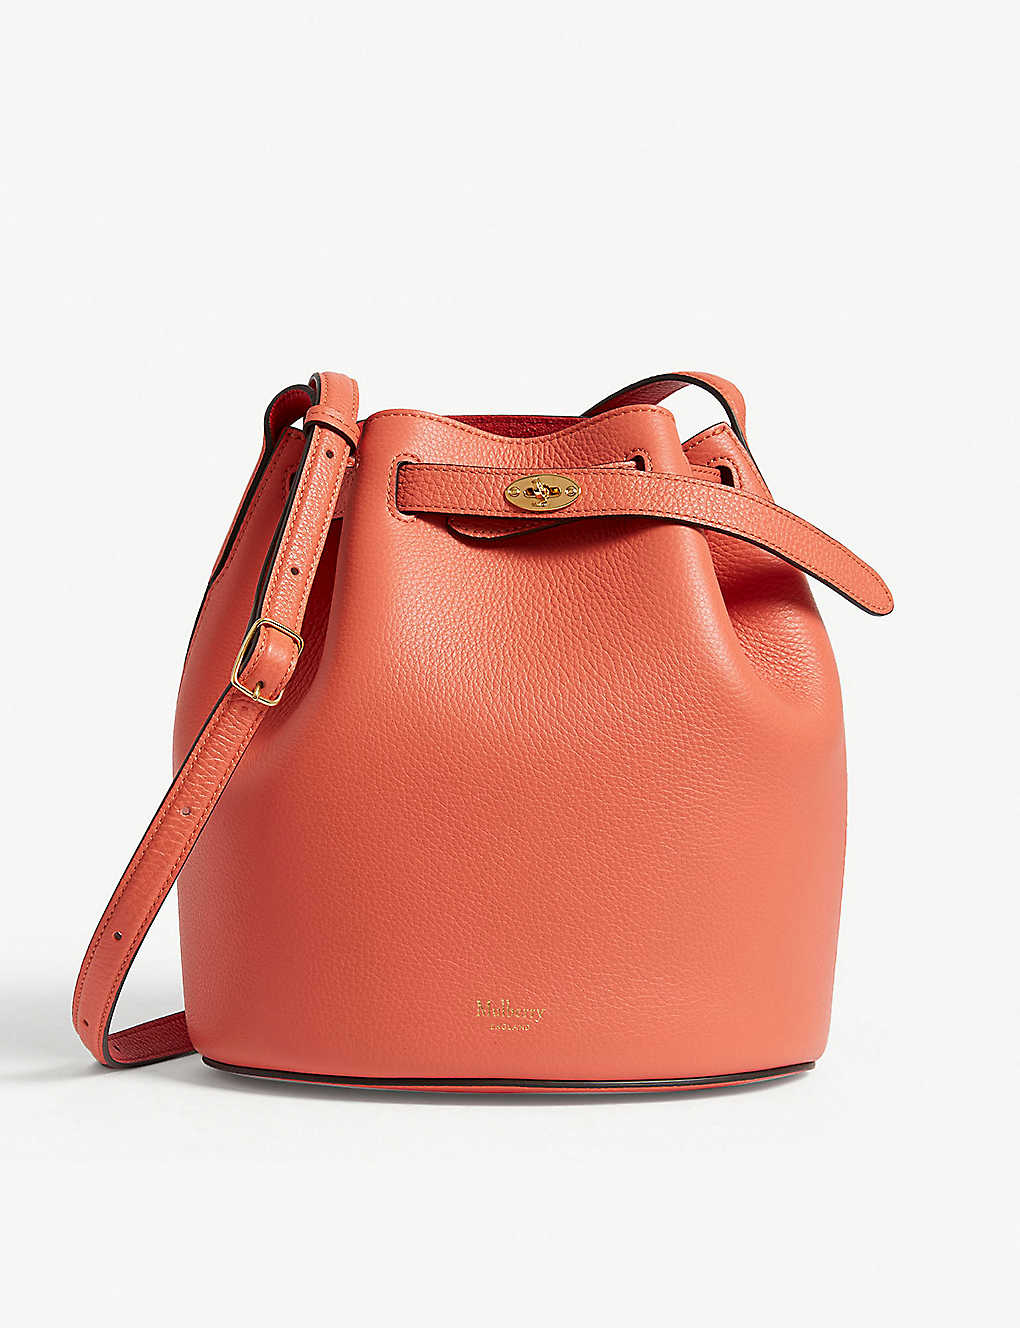 MULBERRY - Abbey leather bucket bag  bd22f6b0add7a